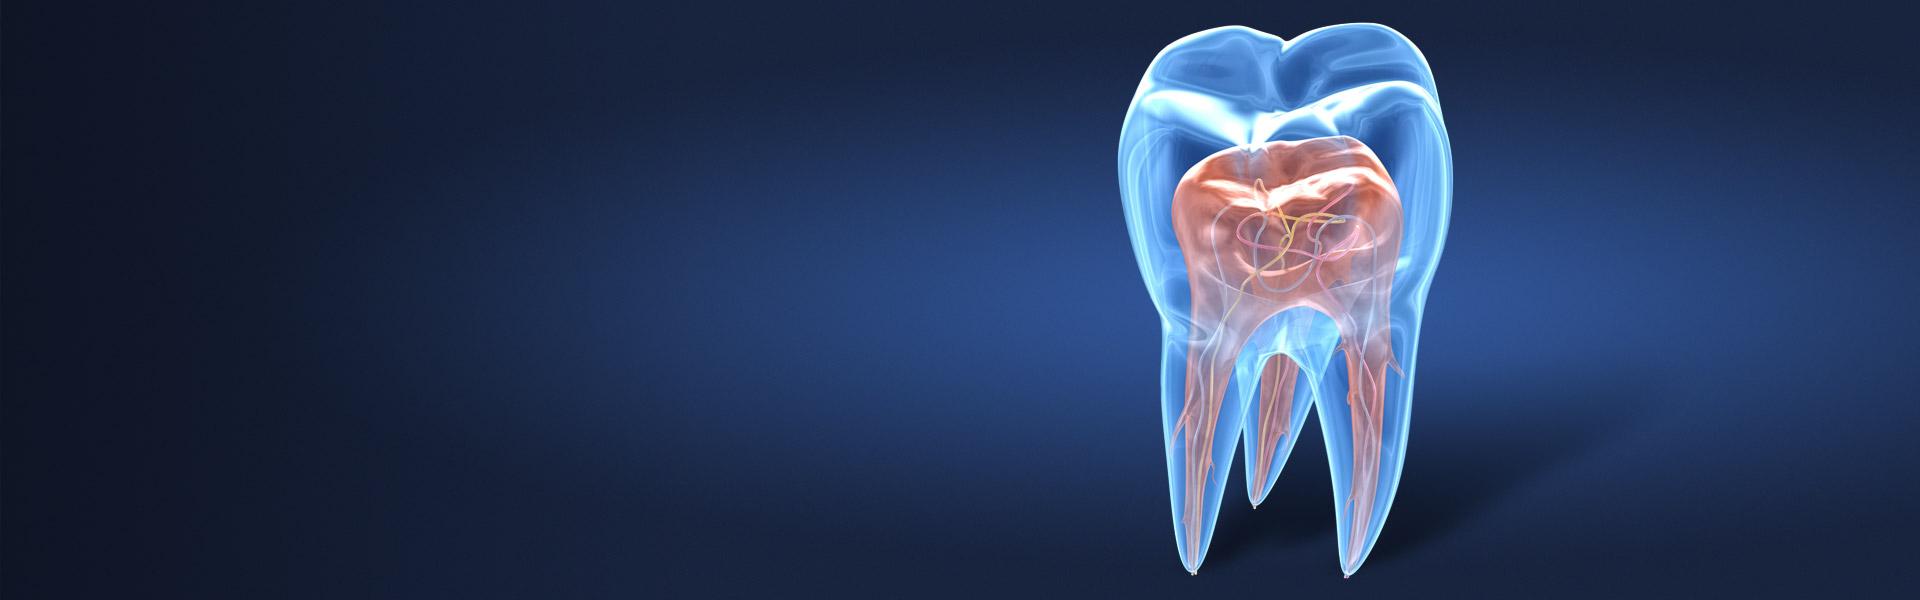 Erhaltung des eigenen Zahns